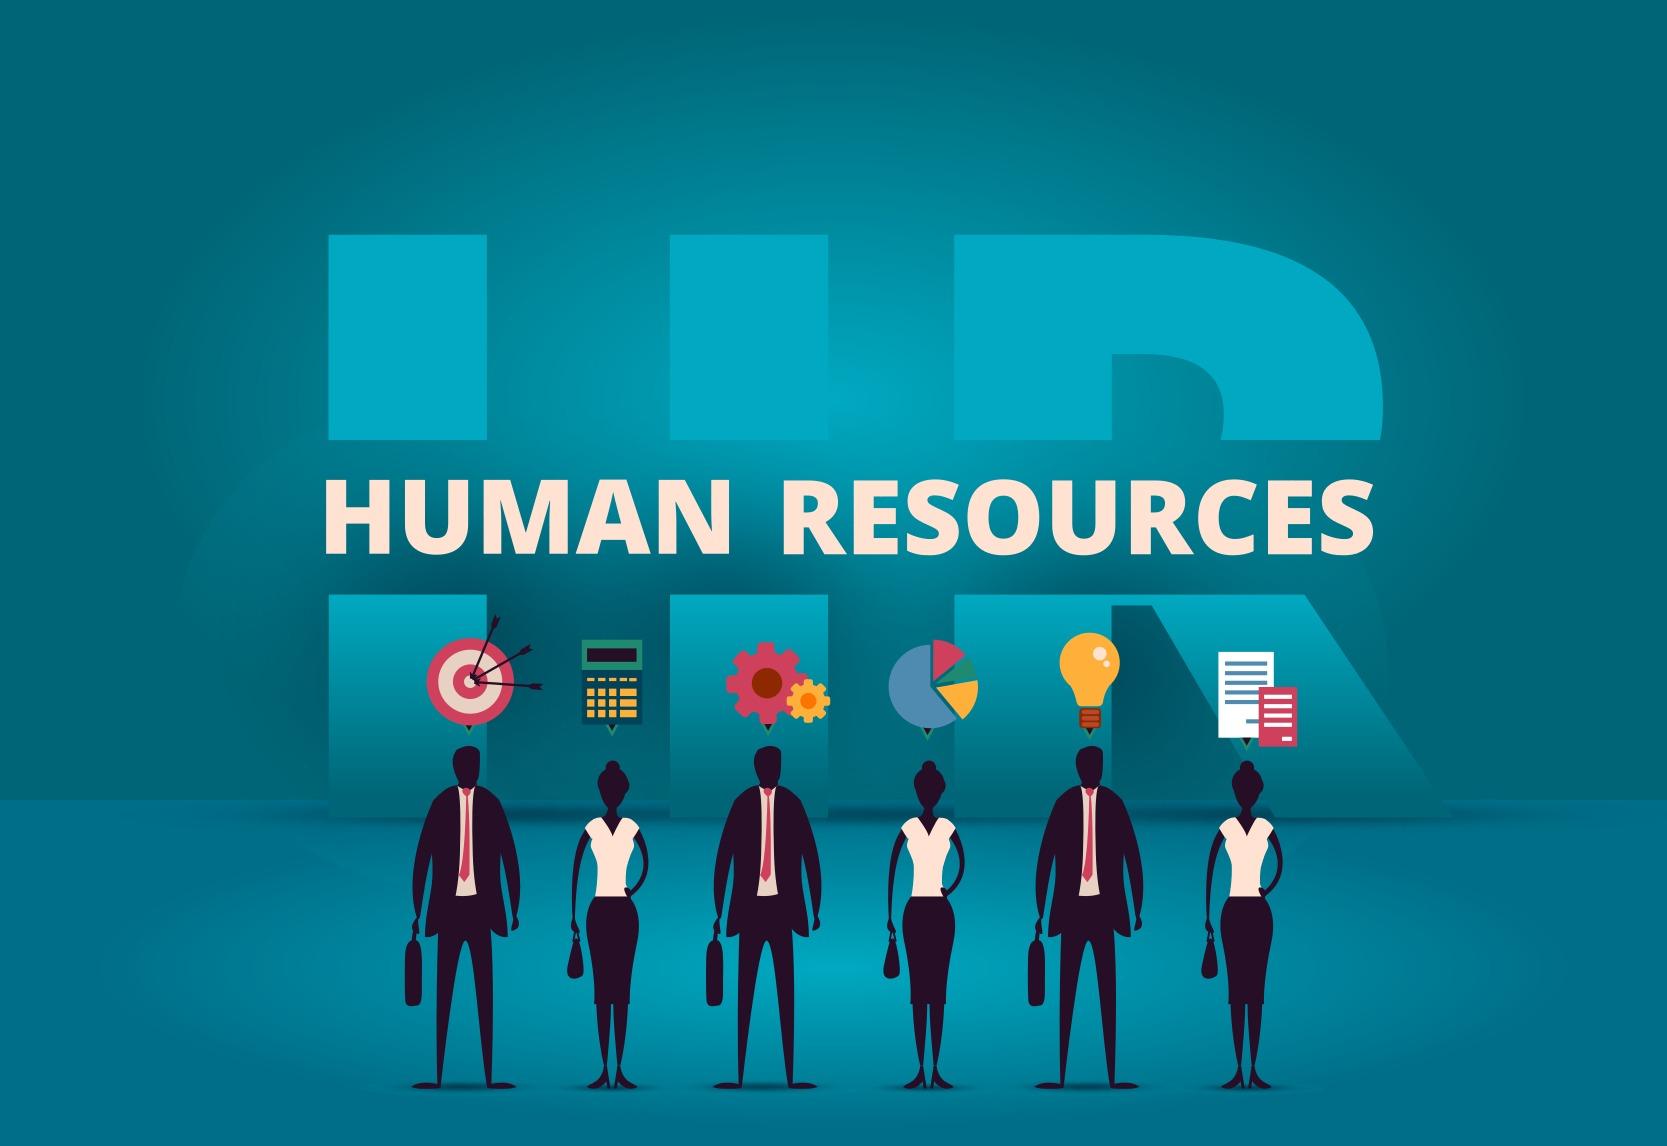 Tzw. model Ulricha zakłada, że w funkcjonowaniu przedsiębiorstwa istotną rolę odgrywają HR business partnerzy. (Fot. Shutterstock)